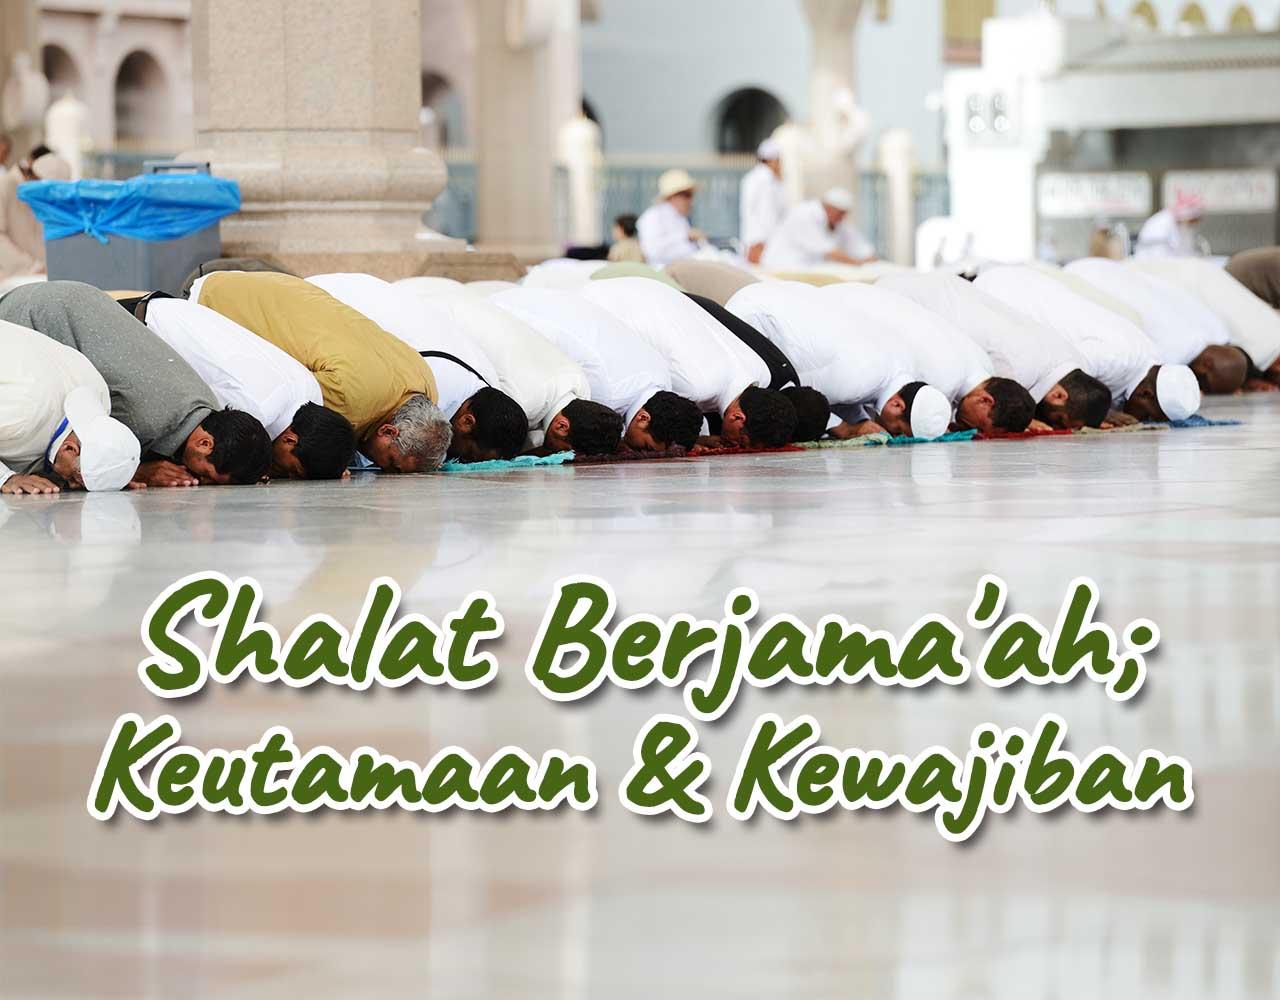 Khutbah Jumat - Shalat Berjama'ah; Keutamaan & Kewajiban